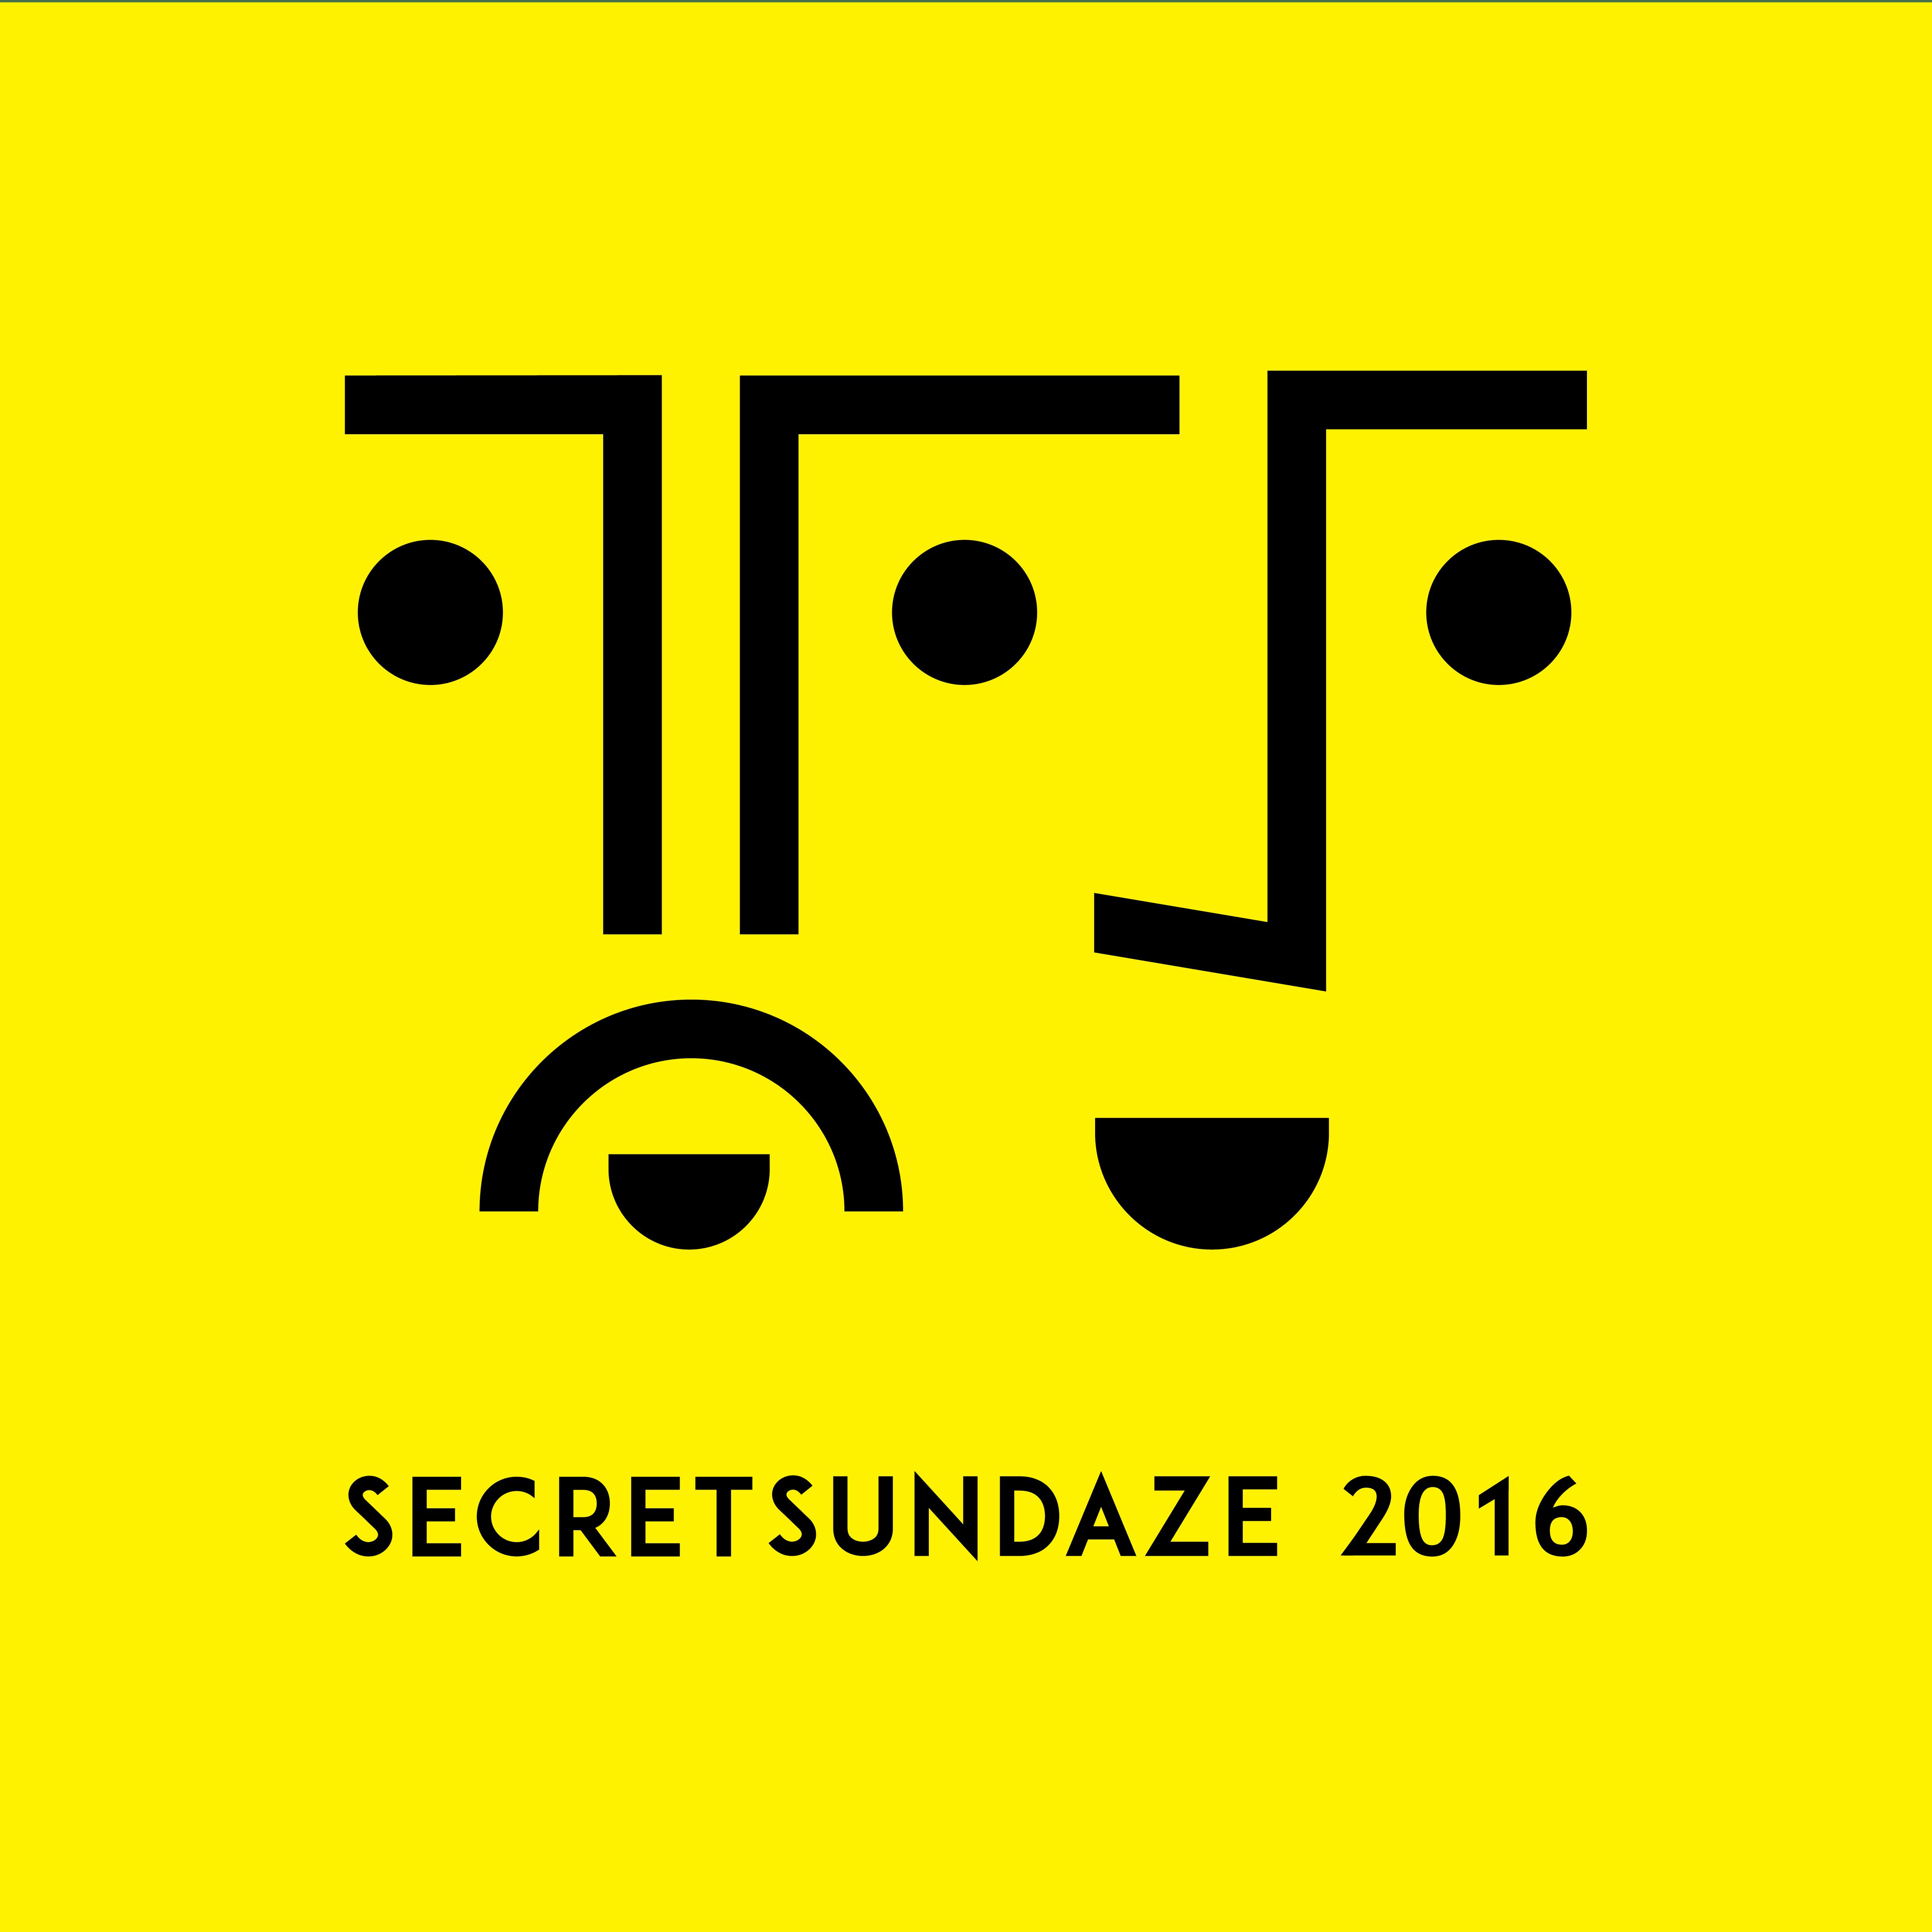 sundaze.png